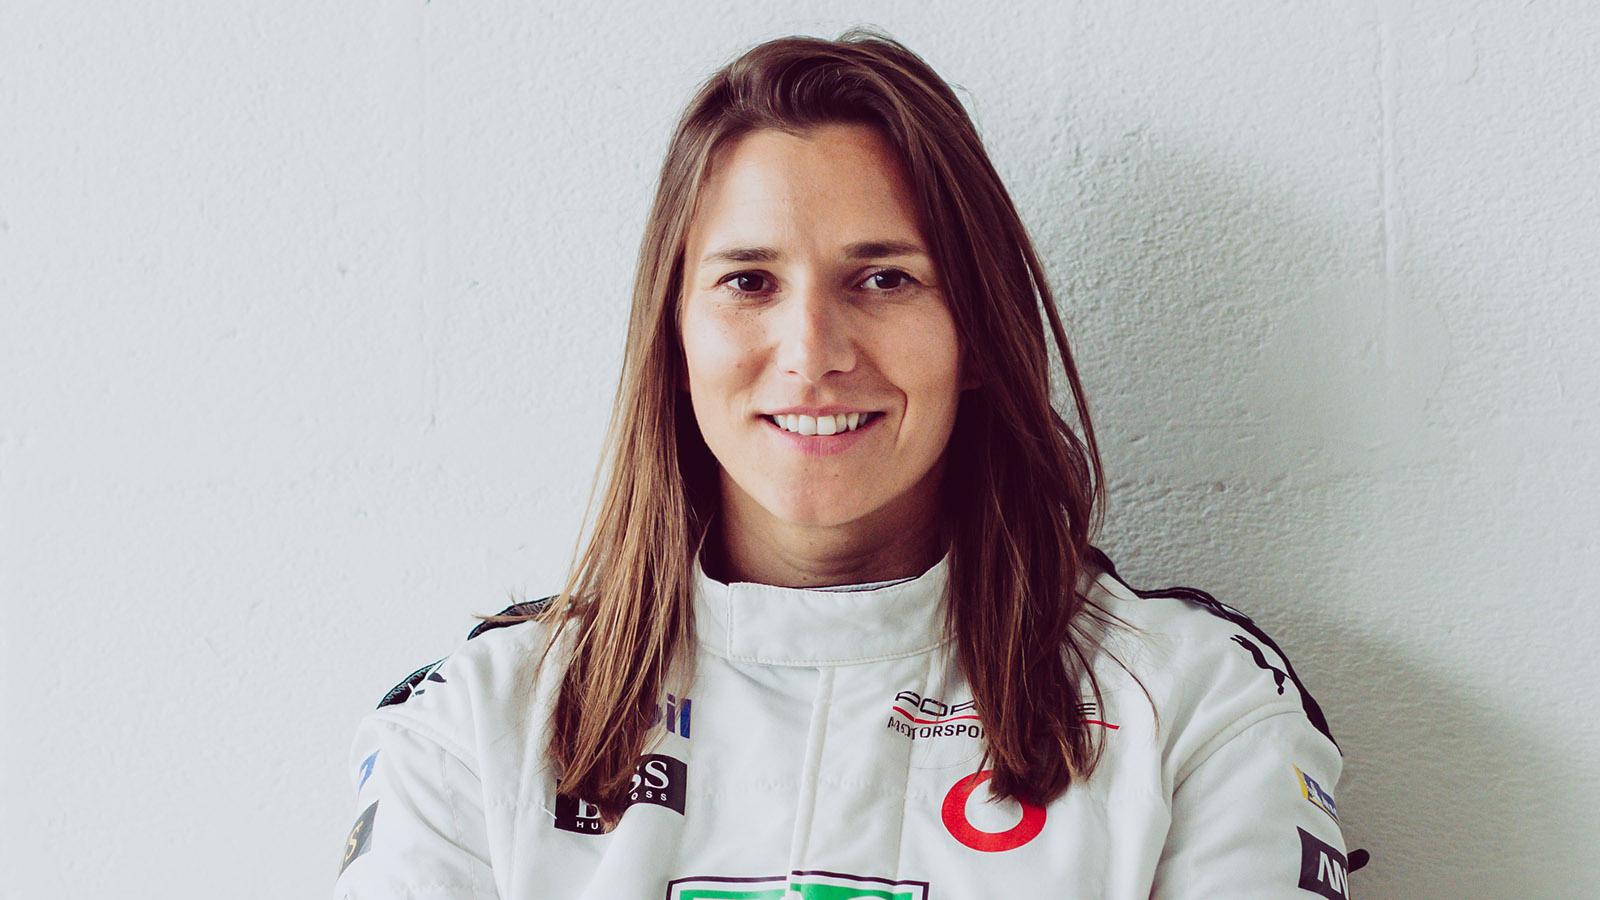 Porsche - Simona De Silvestro (test and development driver) SUI